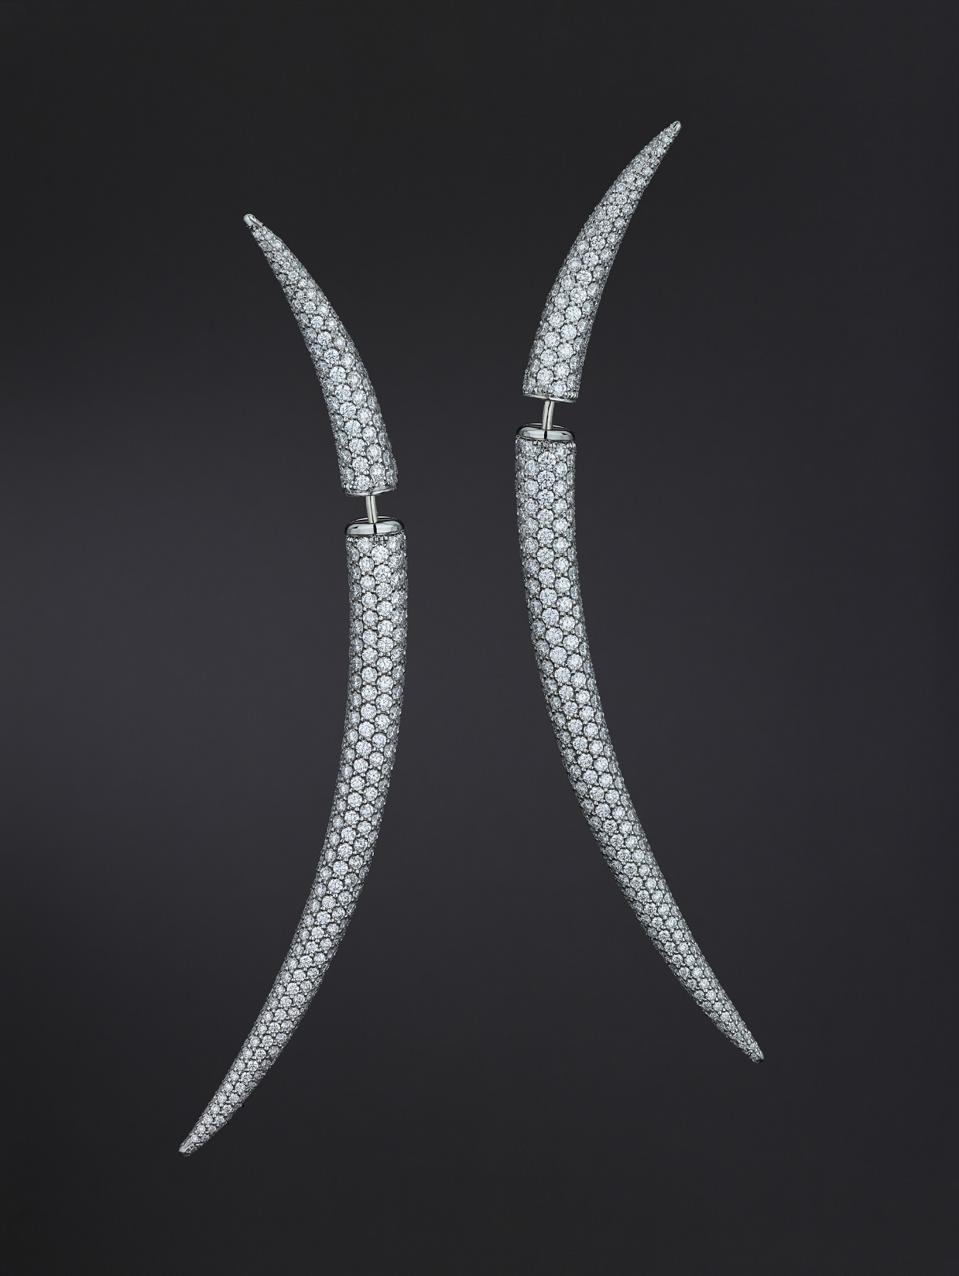 Diamond Quill Earrings by Shaun Leane, $56,900